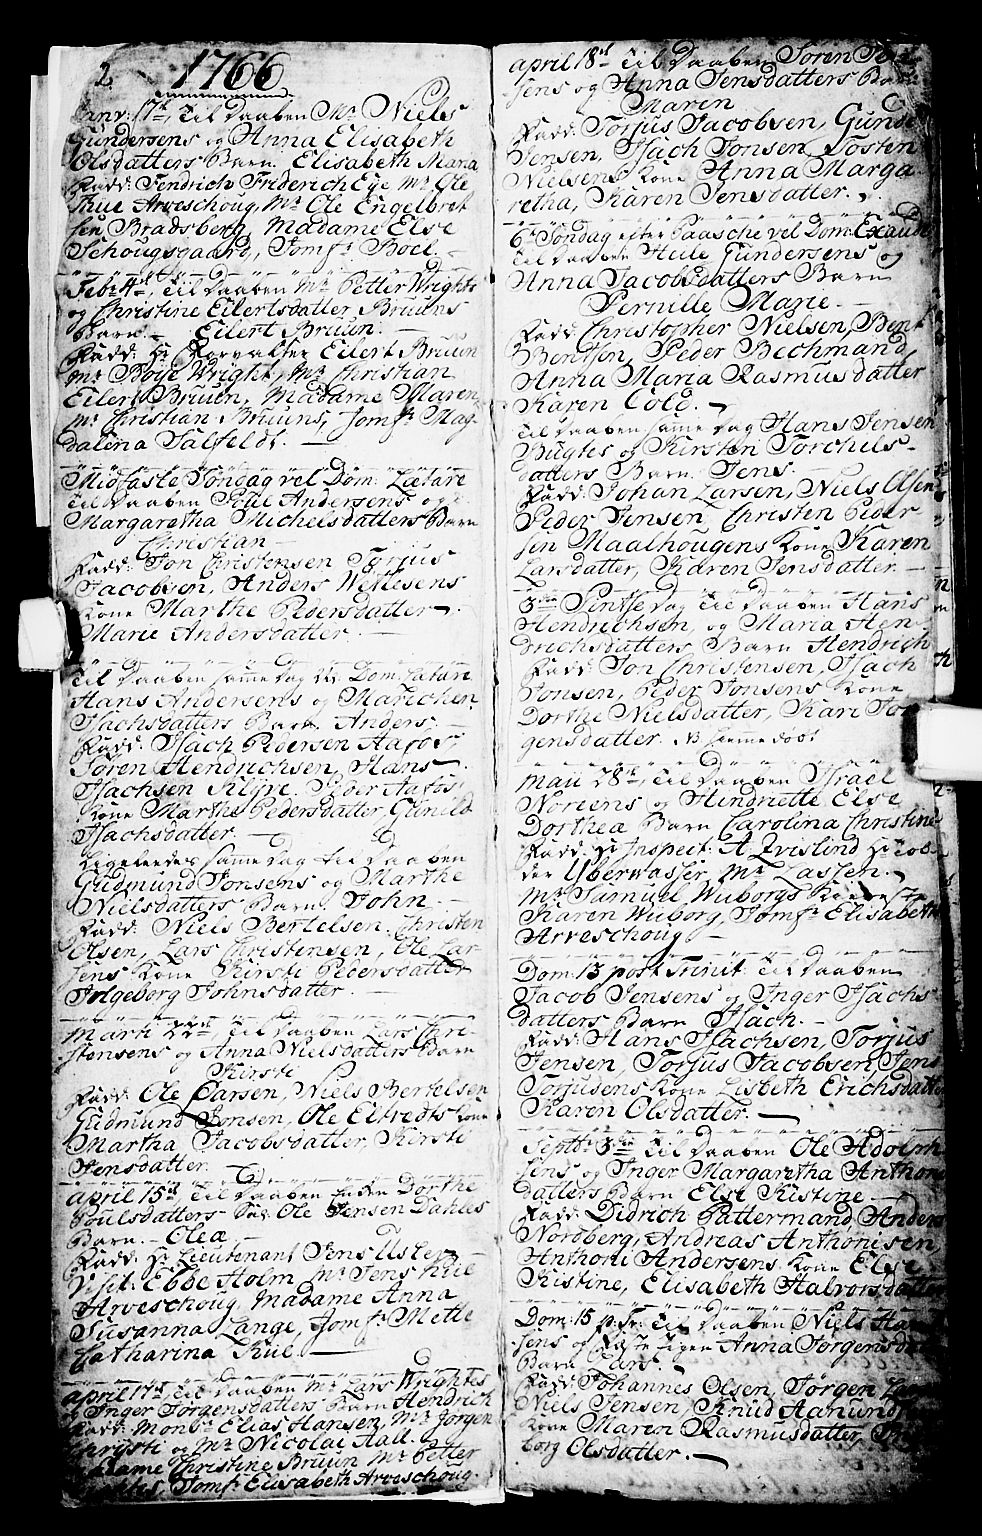 SAKO, Porsgrunn kirkebøker , G/Ga/L0001: Klokkerbok nr. I 1, 1766-1790, s. 2-3